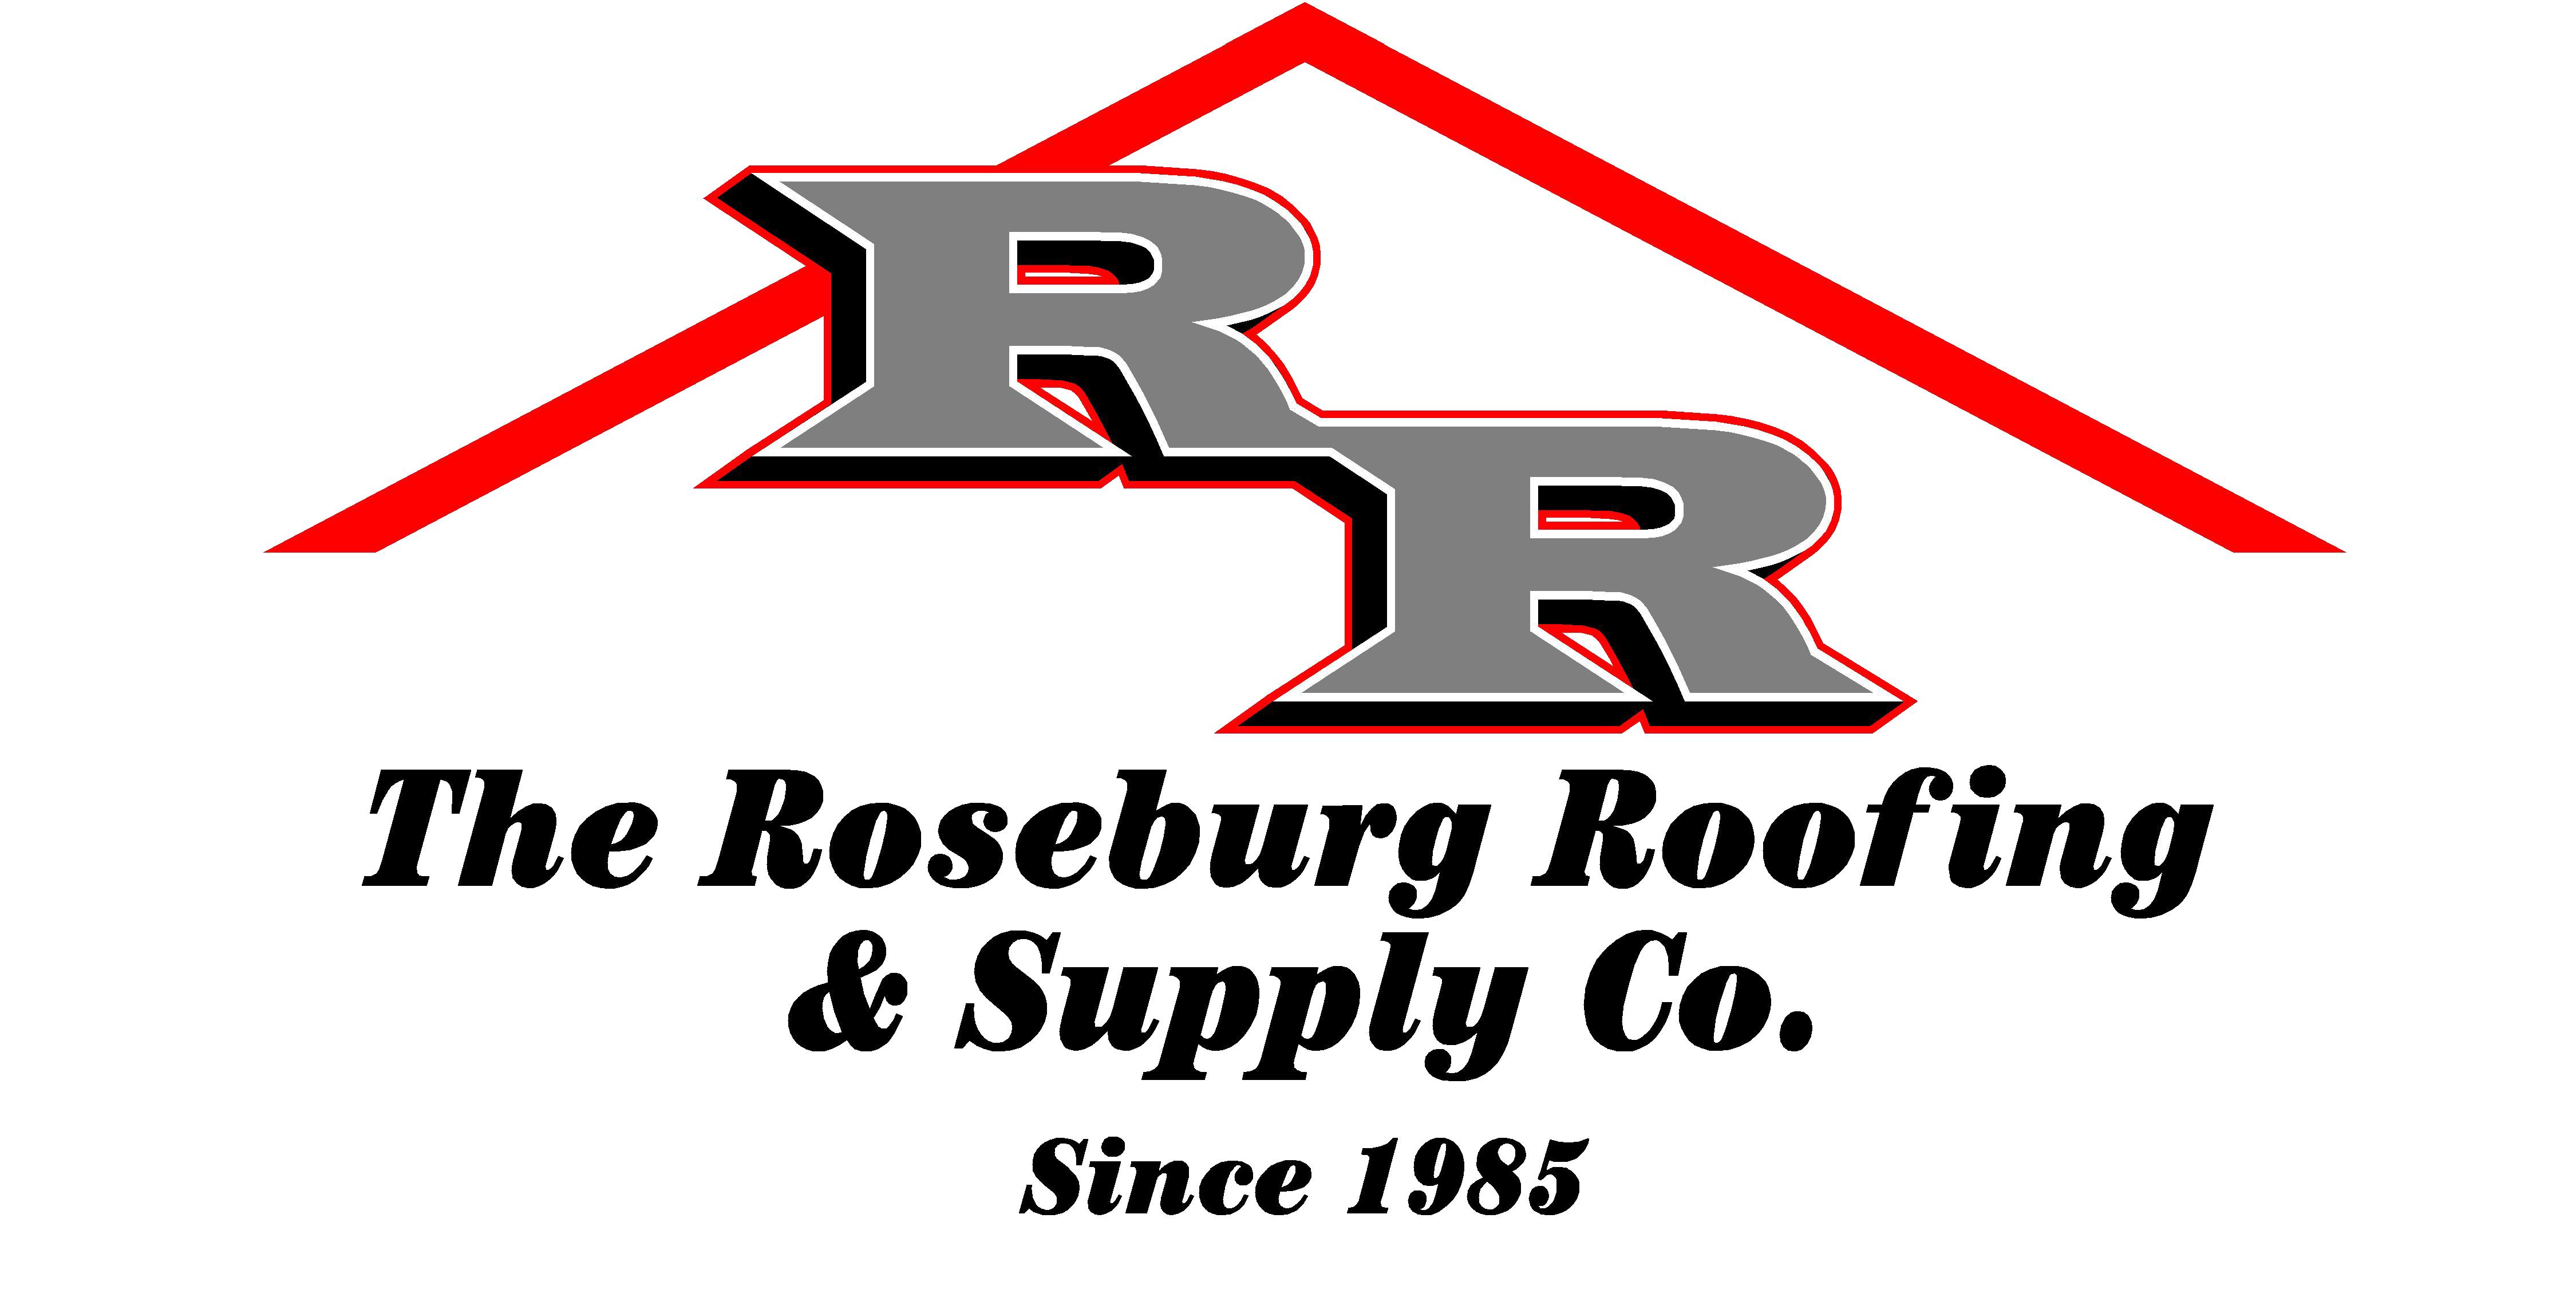 Roseburg Roofing